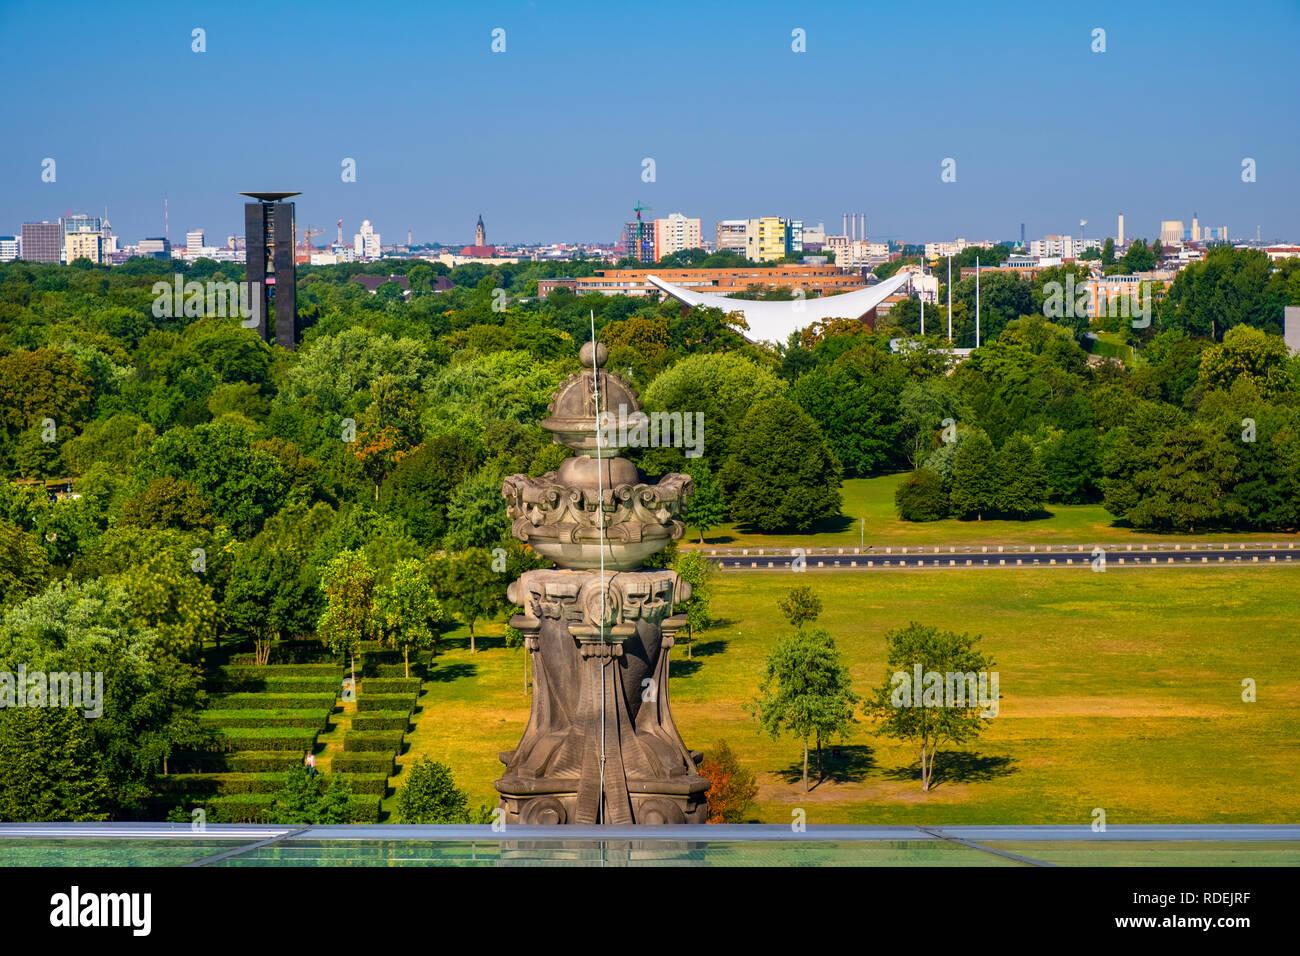 Berlin, Berlin - Allemagne / état 2018/07/31: Vue panoramique sur le parc Tiergarten, M. Groser Maison moderne avec des Cultures du Monde Photo Stock